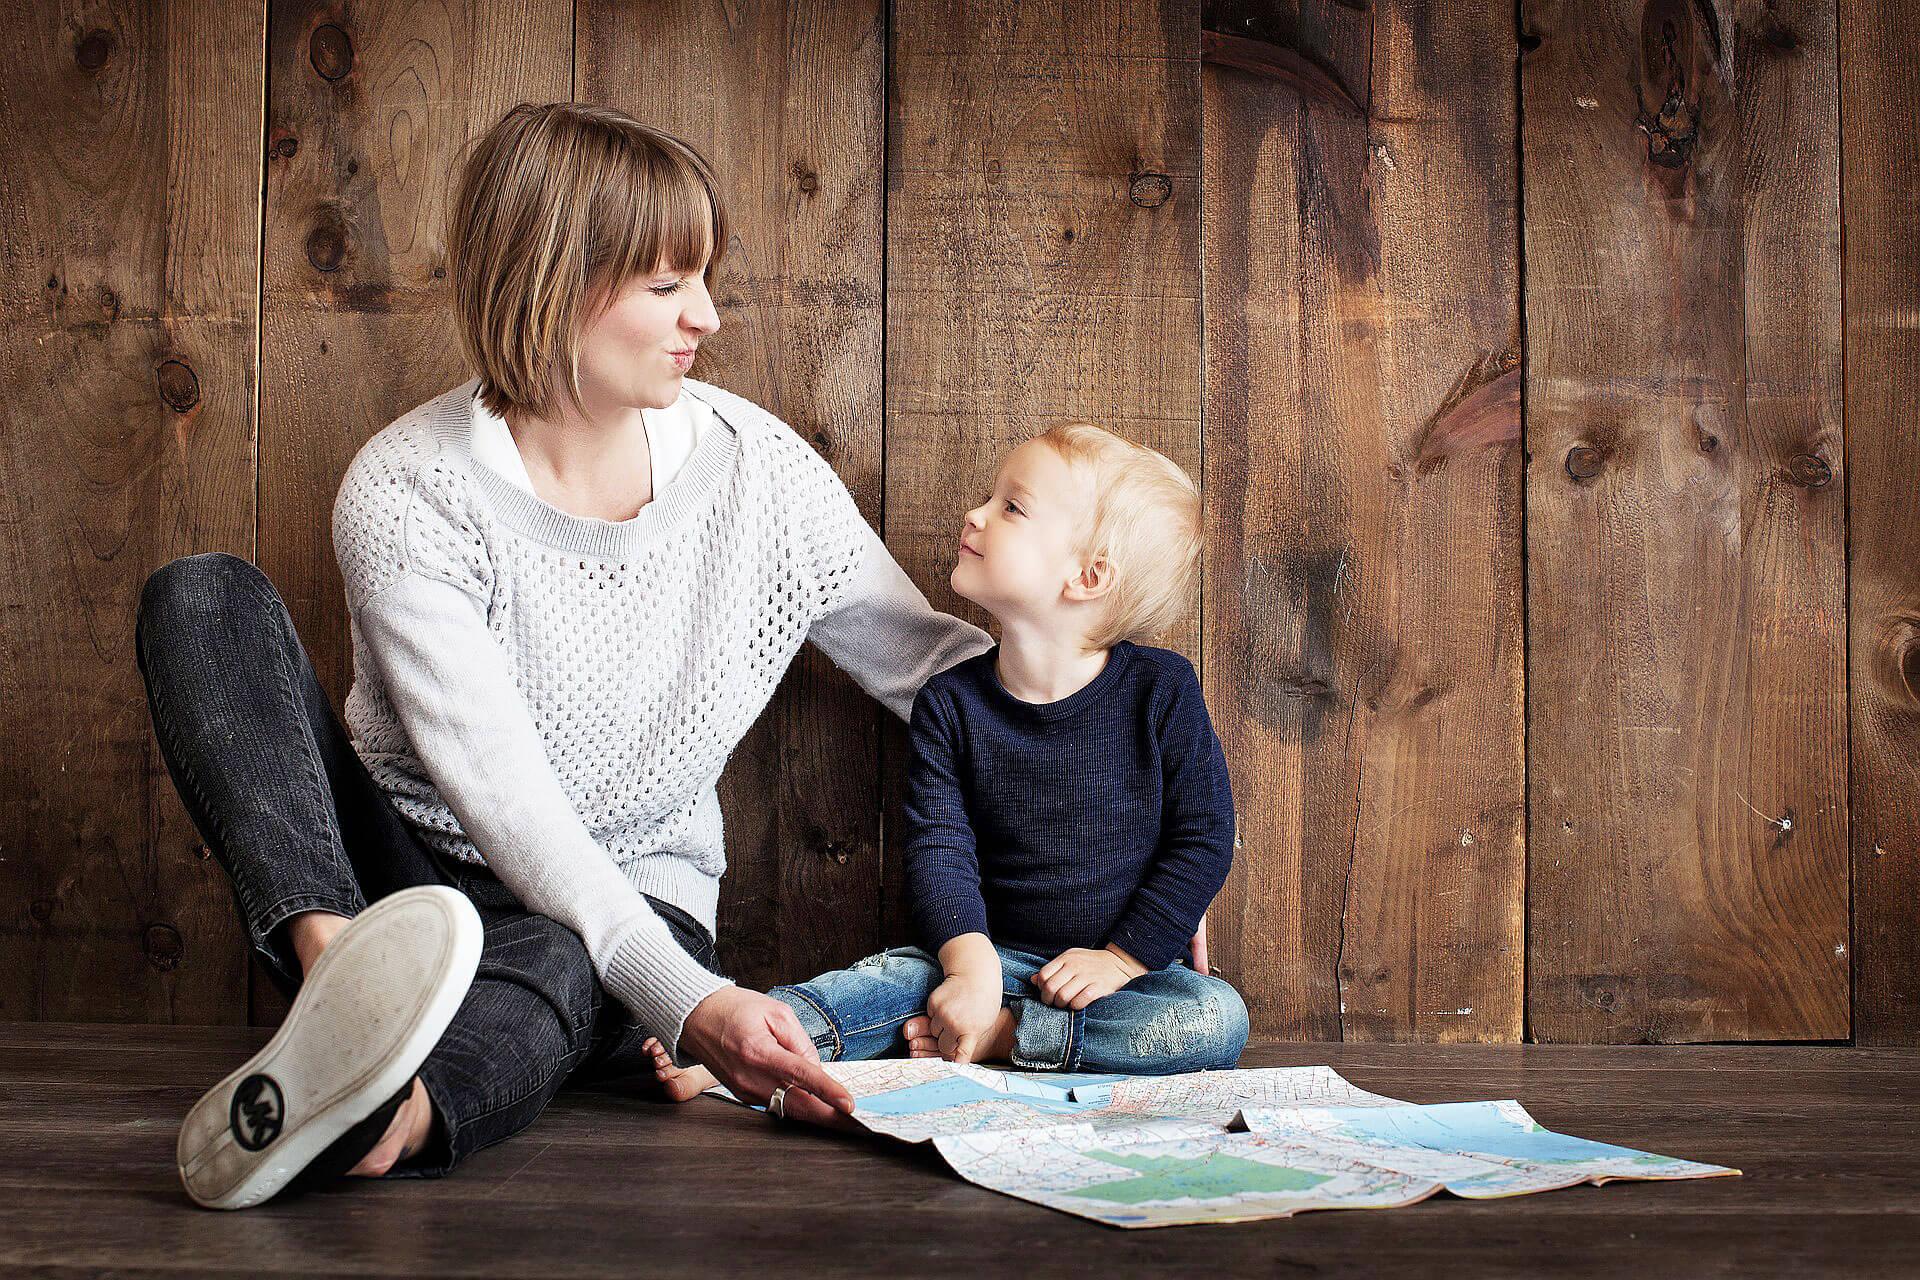 Mãe e criança sentadas no chão, encostadas a parede forrada com madeira e mapa no chão.